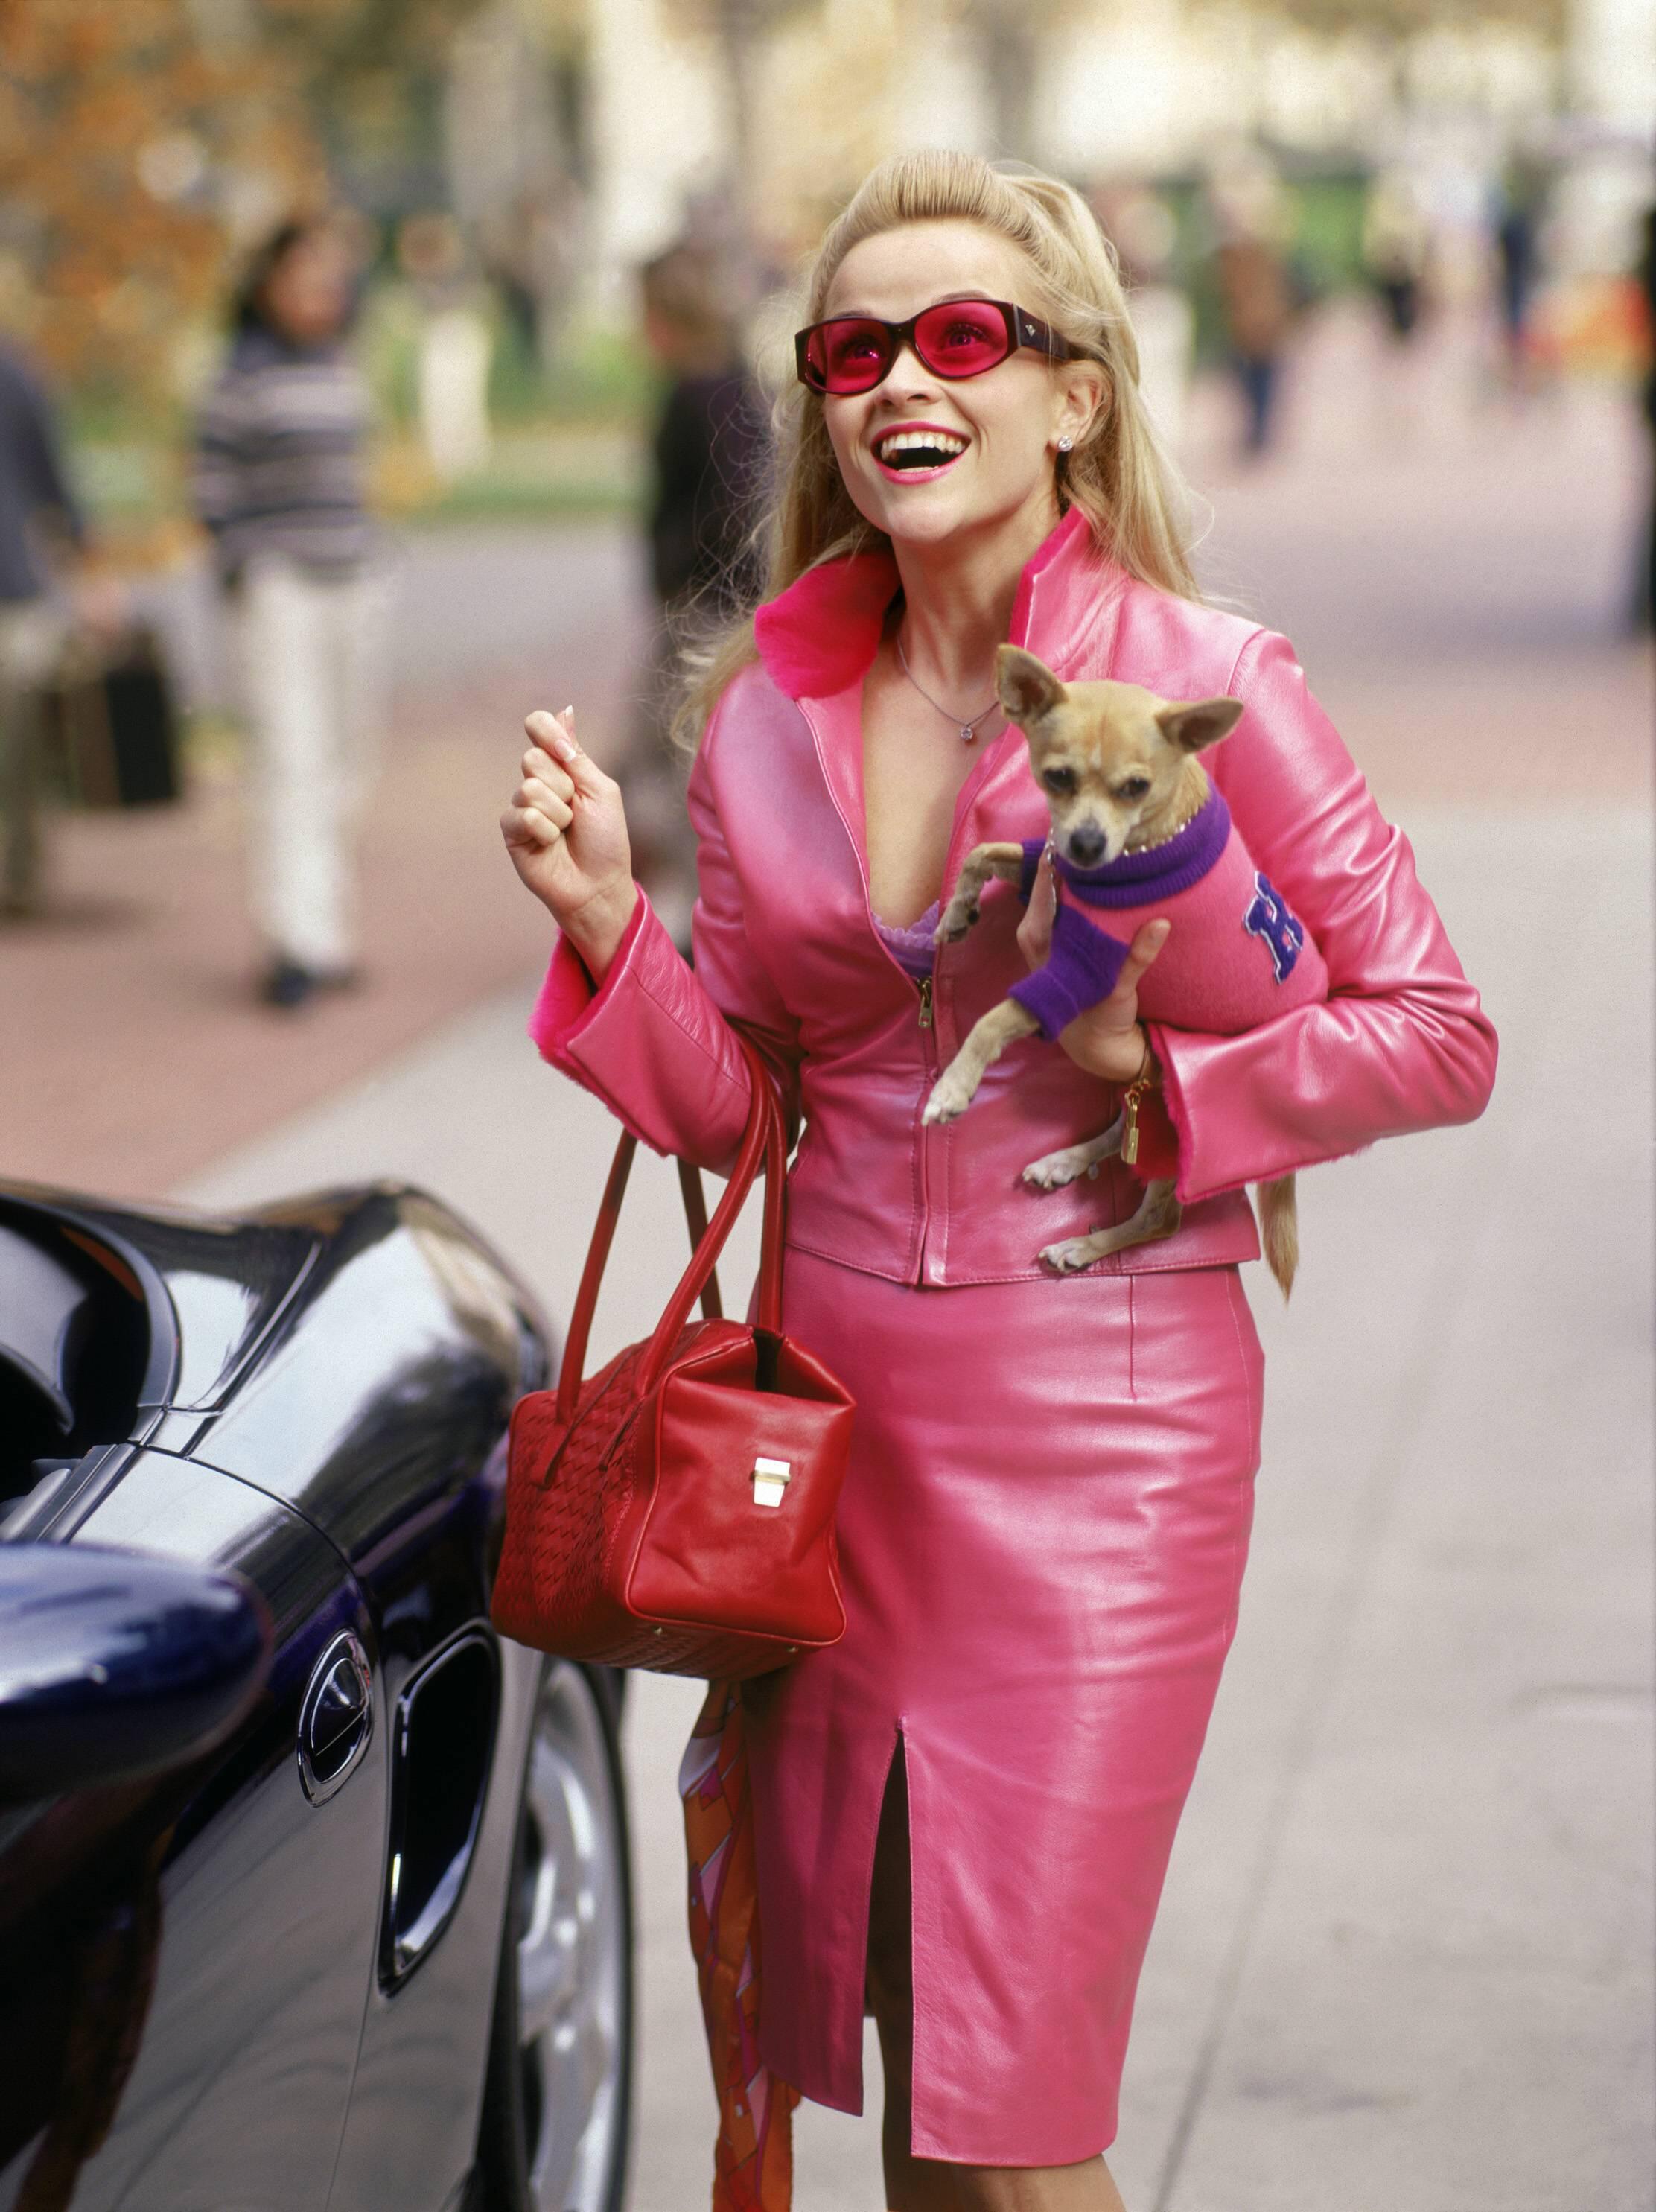 Bild zu Reese Witherspoon, Natürlich blond, Hund, pink, blond